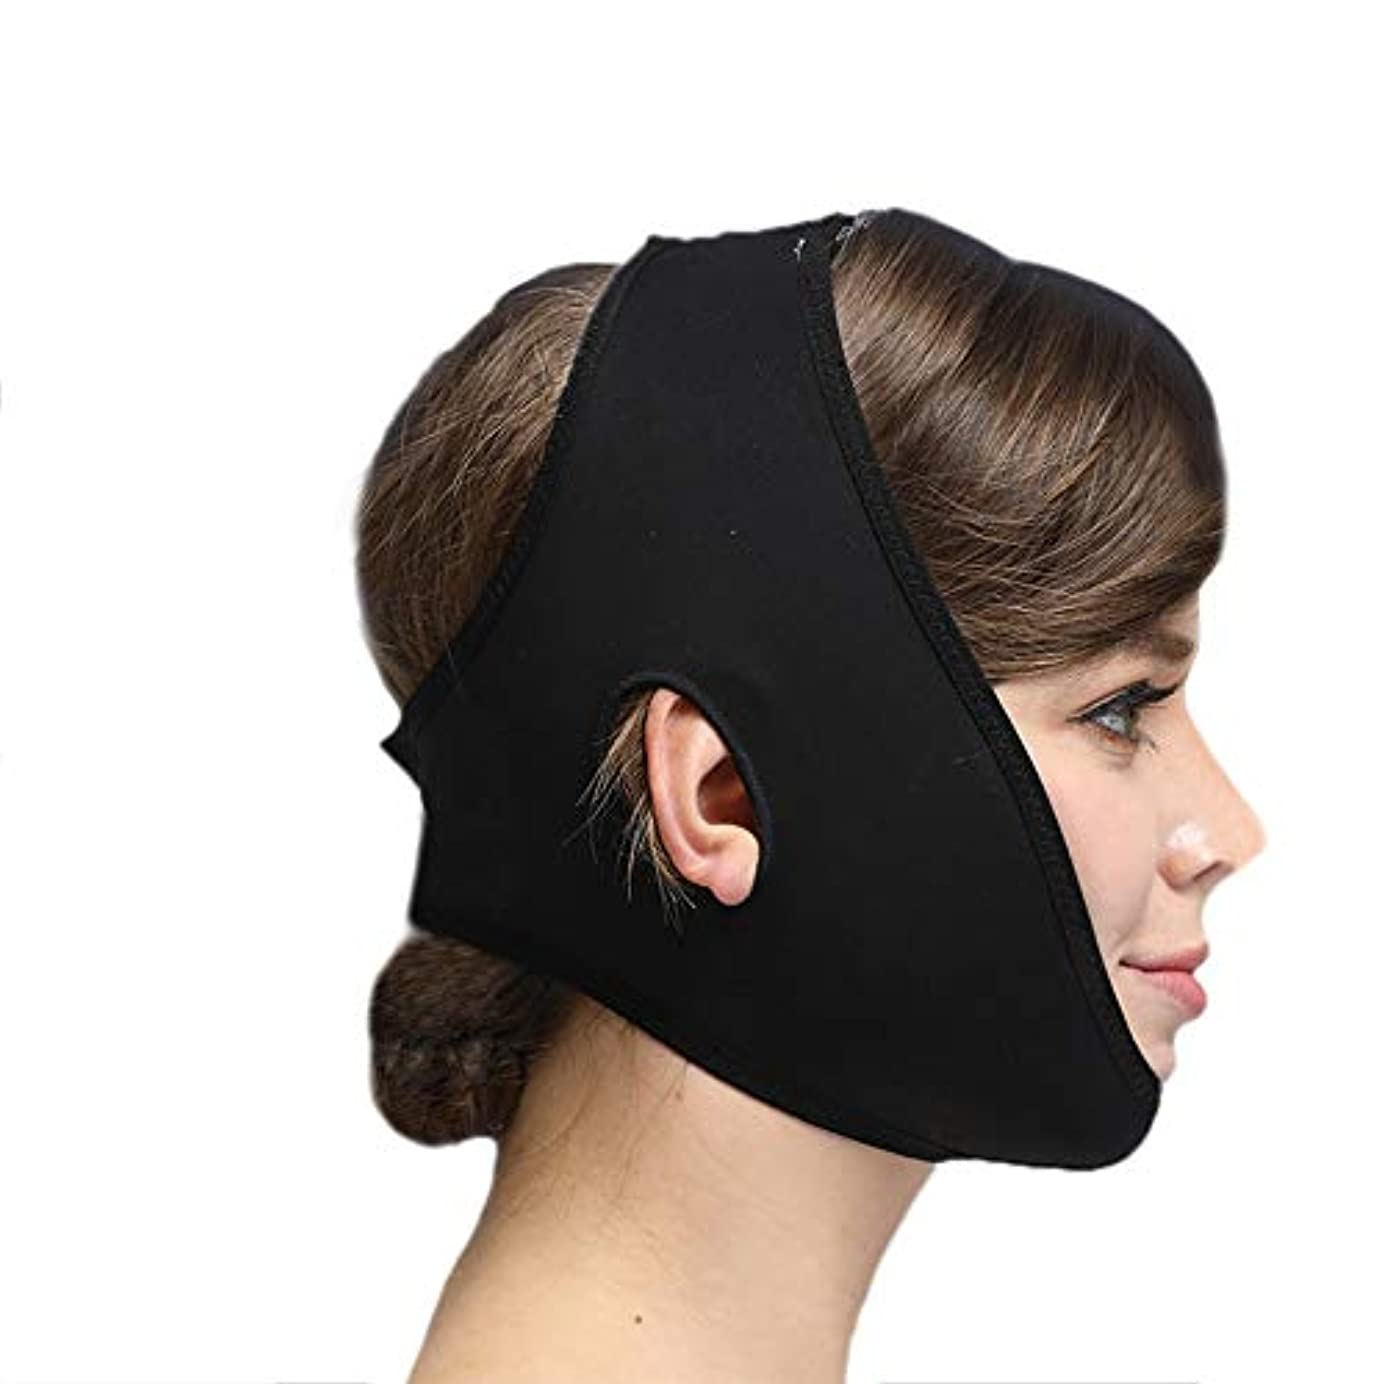 扇動する深遠不平を言うXHLMRMJ 顔の痩身マスク、快適で通気性のある、顔面の持ち上がることおよび輪郭を描くことで、堅さの向上、引き締まることおよび顔を持ち上げること (Color : Black2, Size : L)